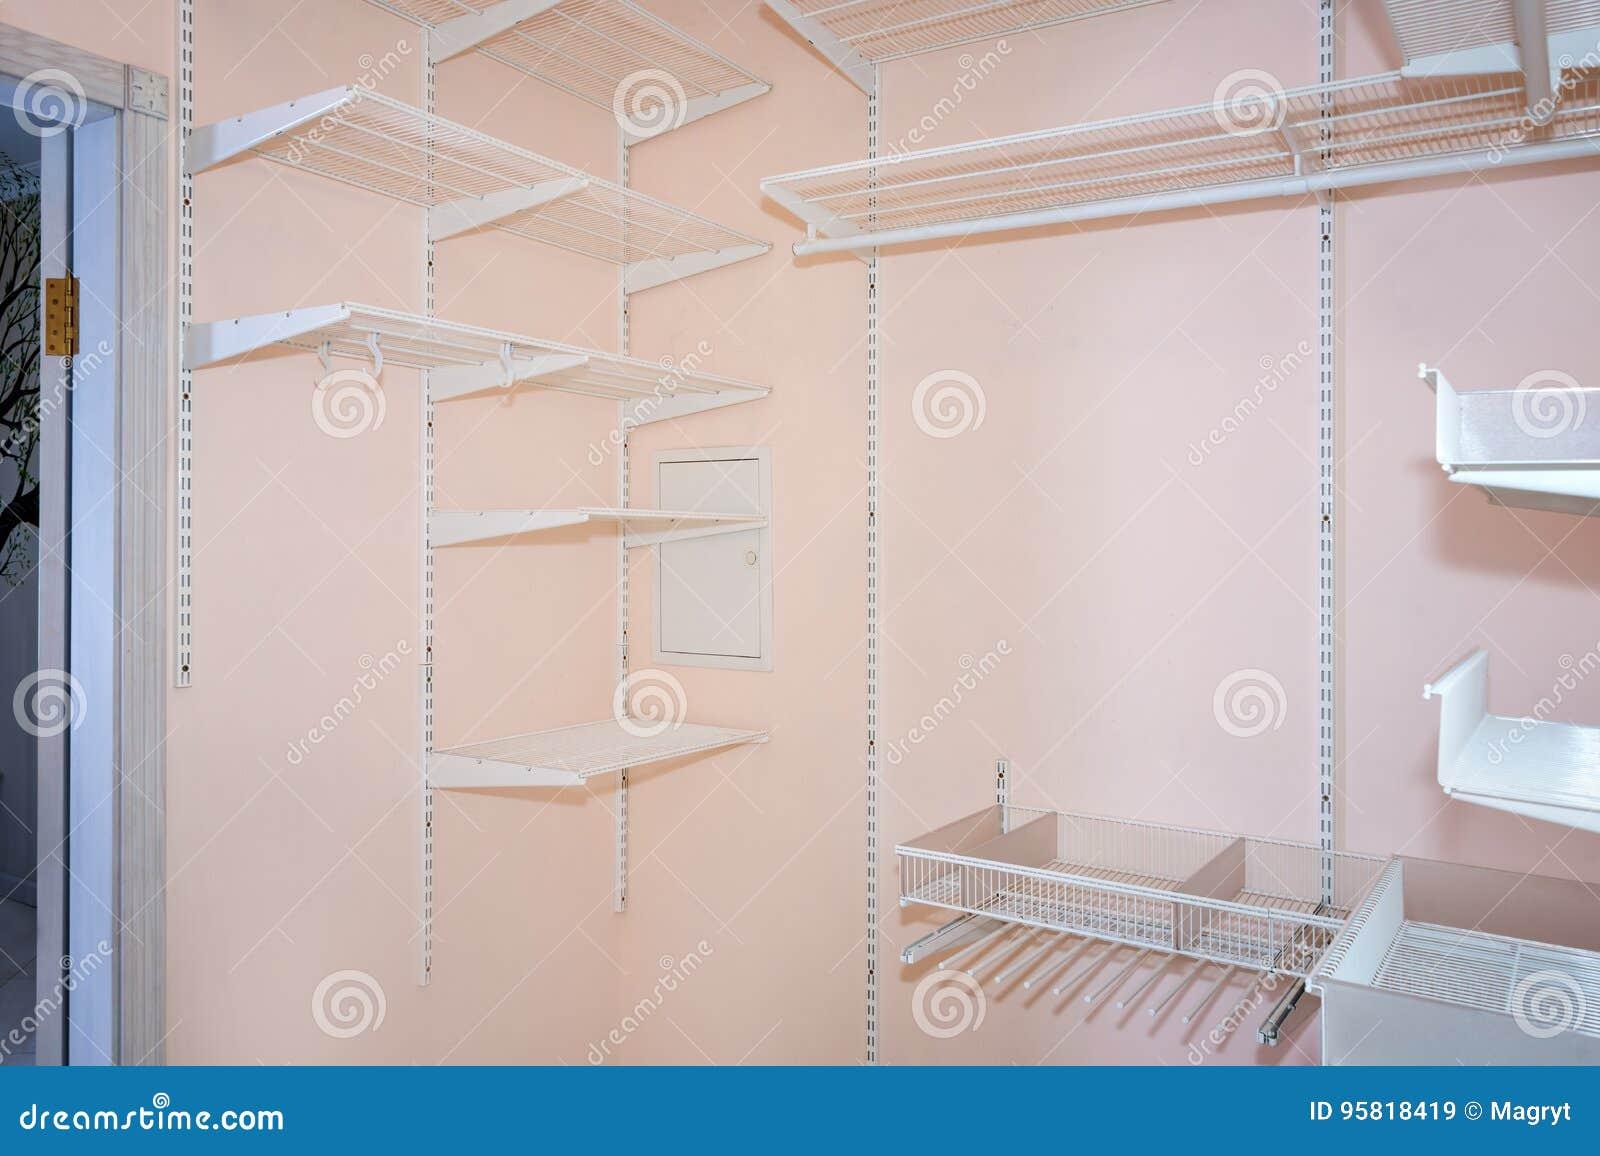 Kast Met Planken : Lege walk in kast met planken kleedkamer binnenlandse elementen